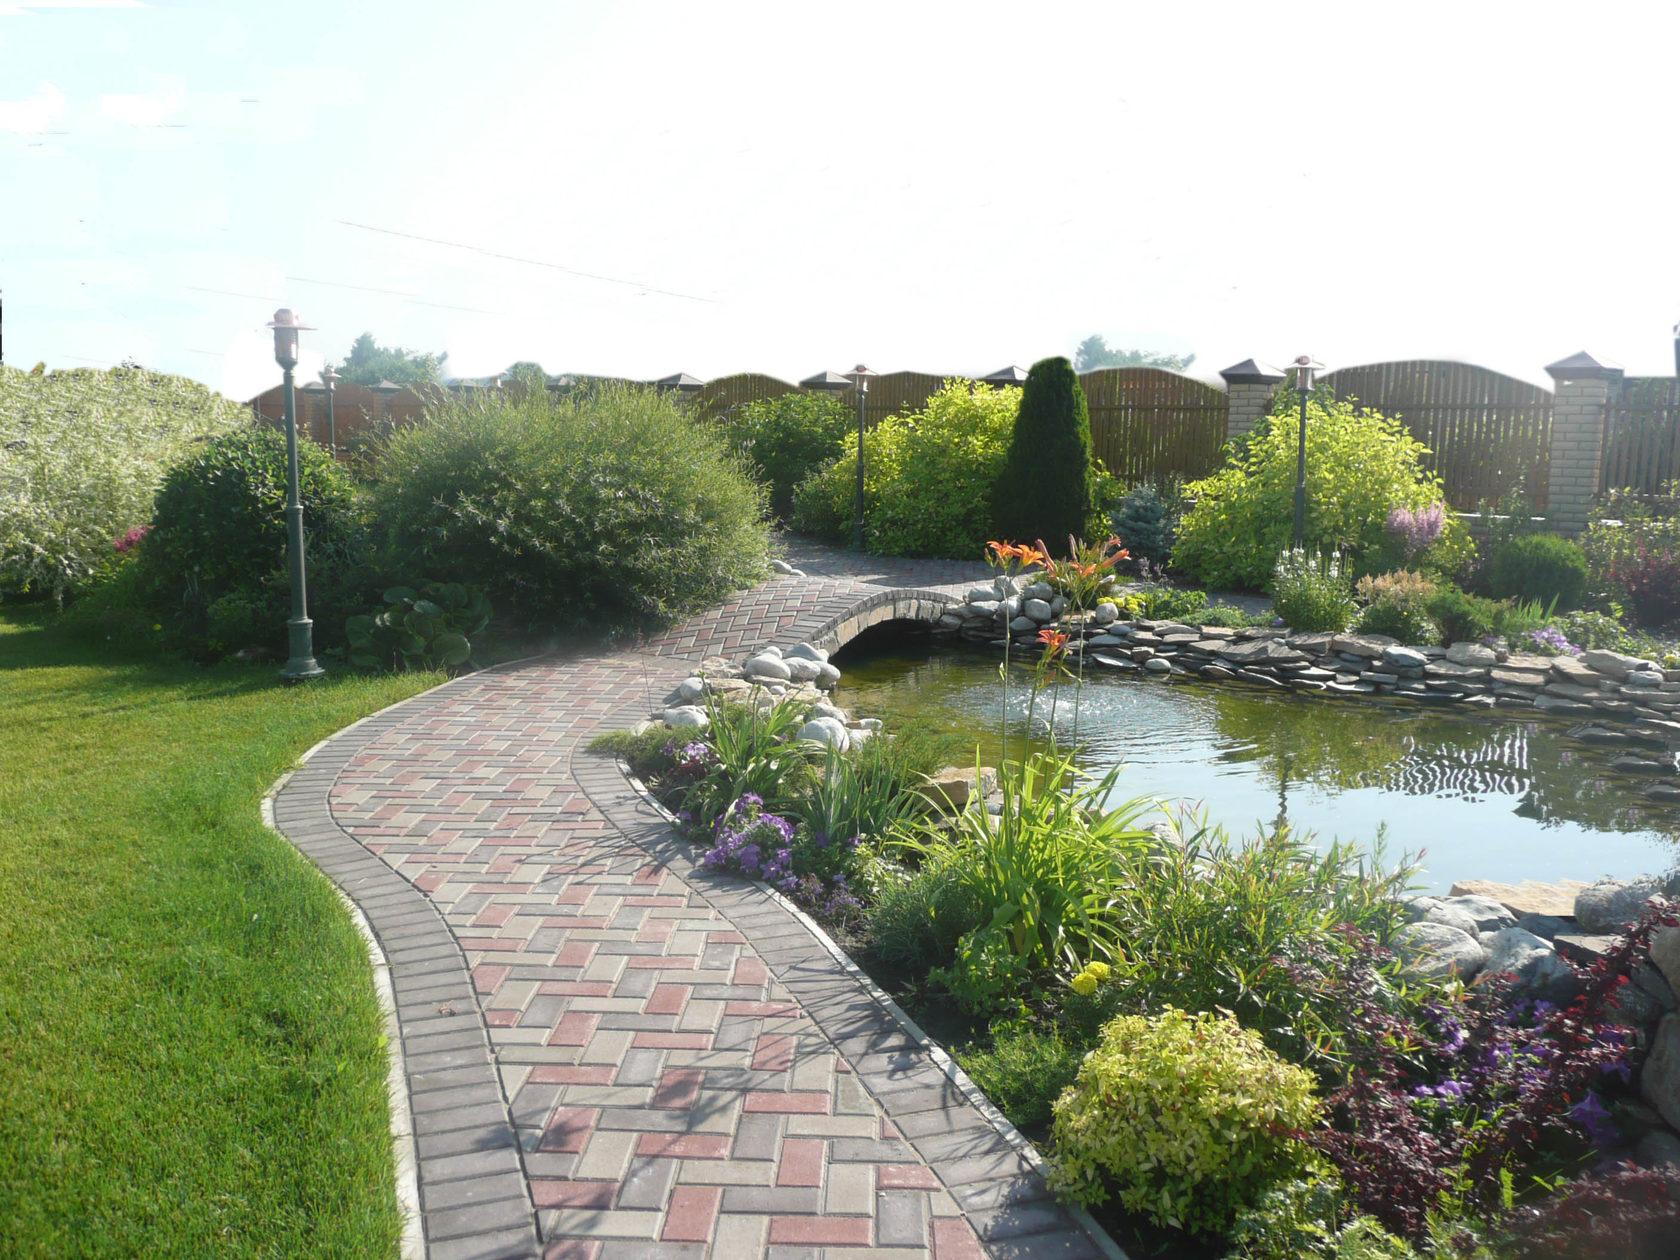 Почистить пруд, почистить озеро, почистить реку, почистить болото земснарядом   очистка прудов, рек, водоемов